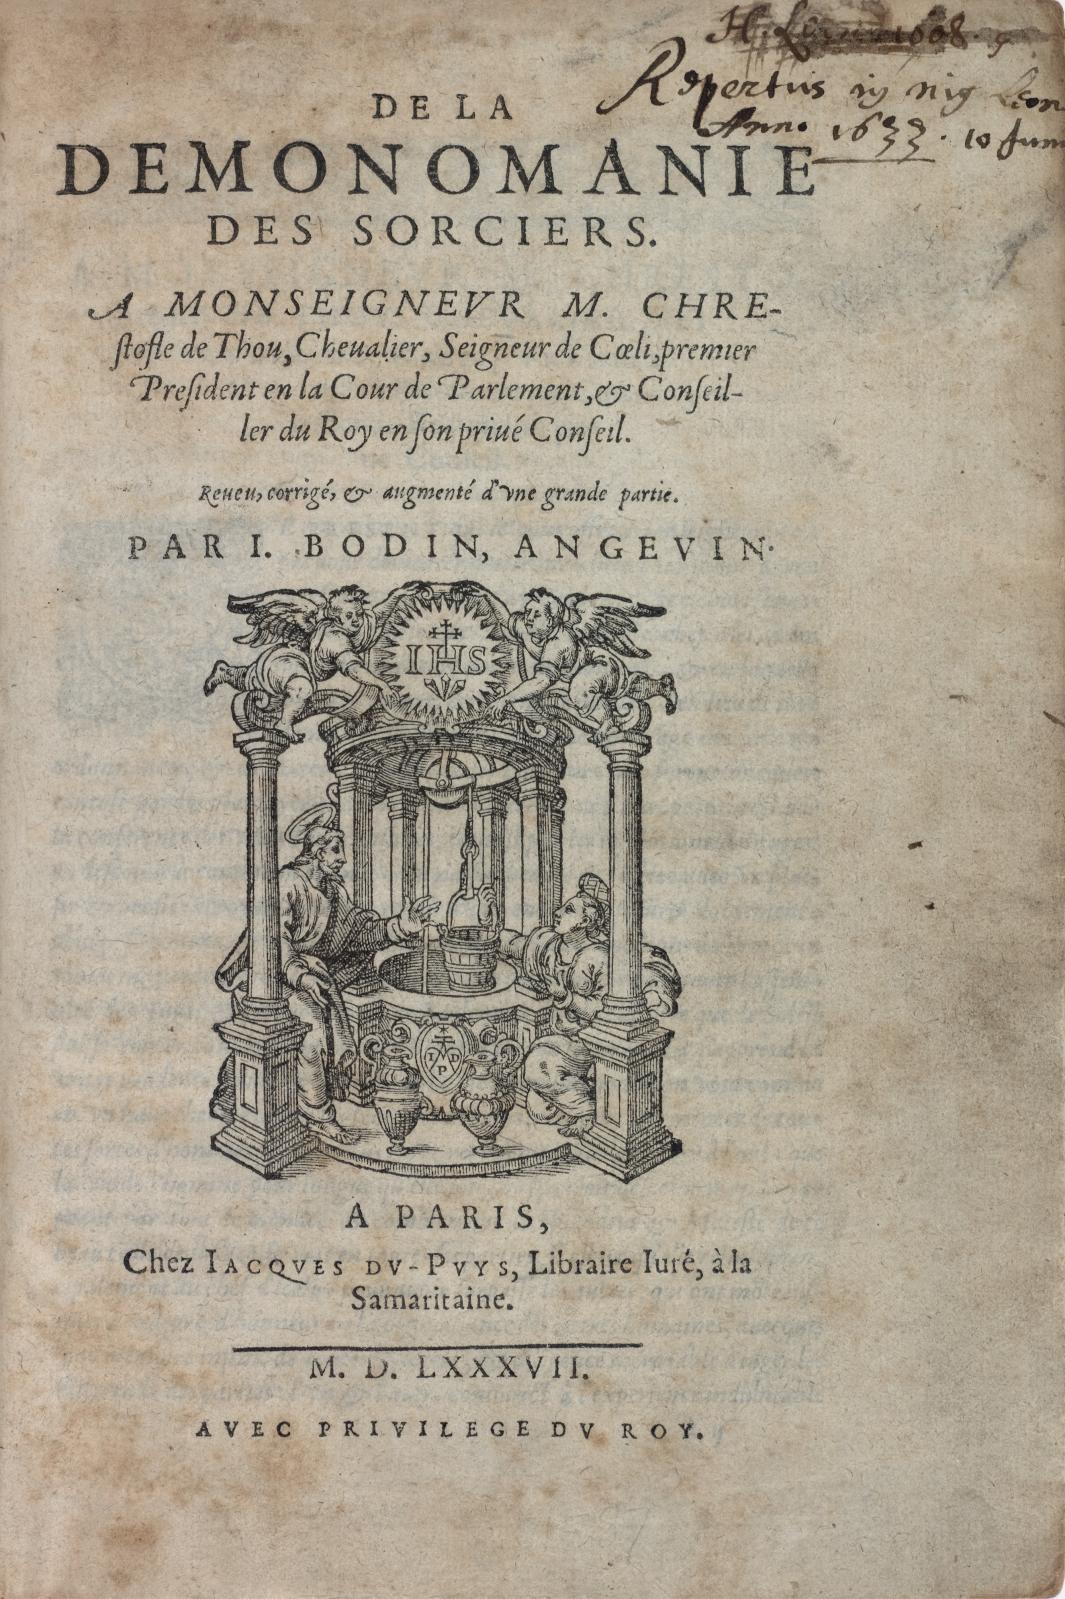 Jean Bodin (1529-1596), De la démonomanie des sorciers, Paris, Jacques du Puys, 1587, in-4°, demi-reliure ancienne, 7e édition, seule complète.Paris,